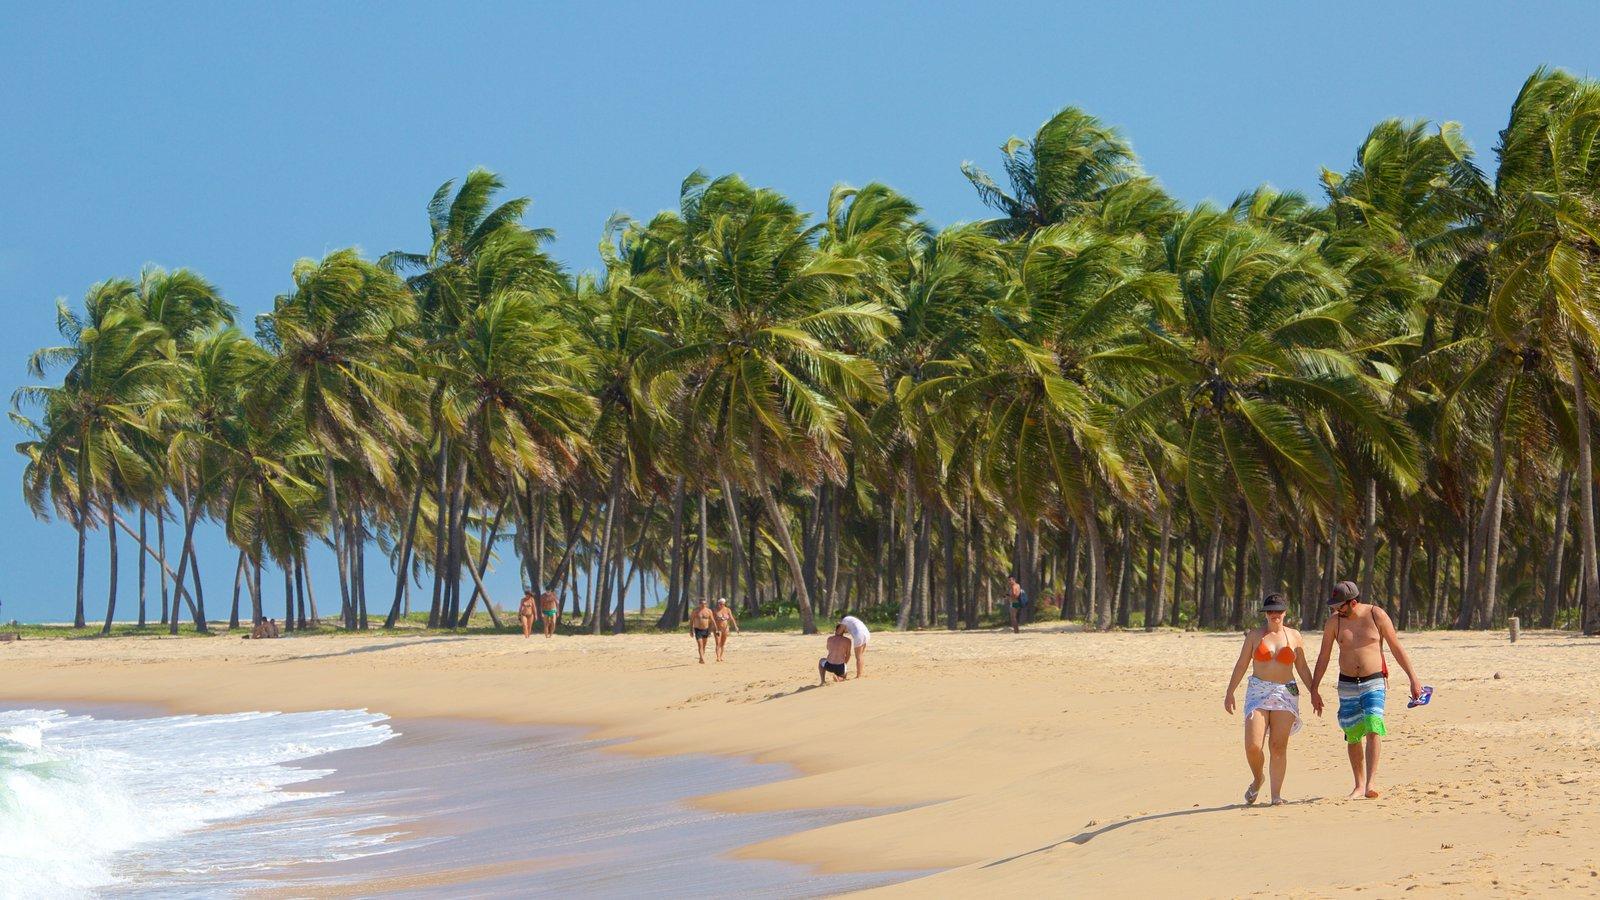 Maceió mostrando cenas tropicais e uma praia assim como um casal